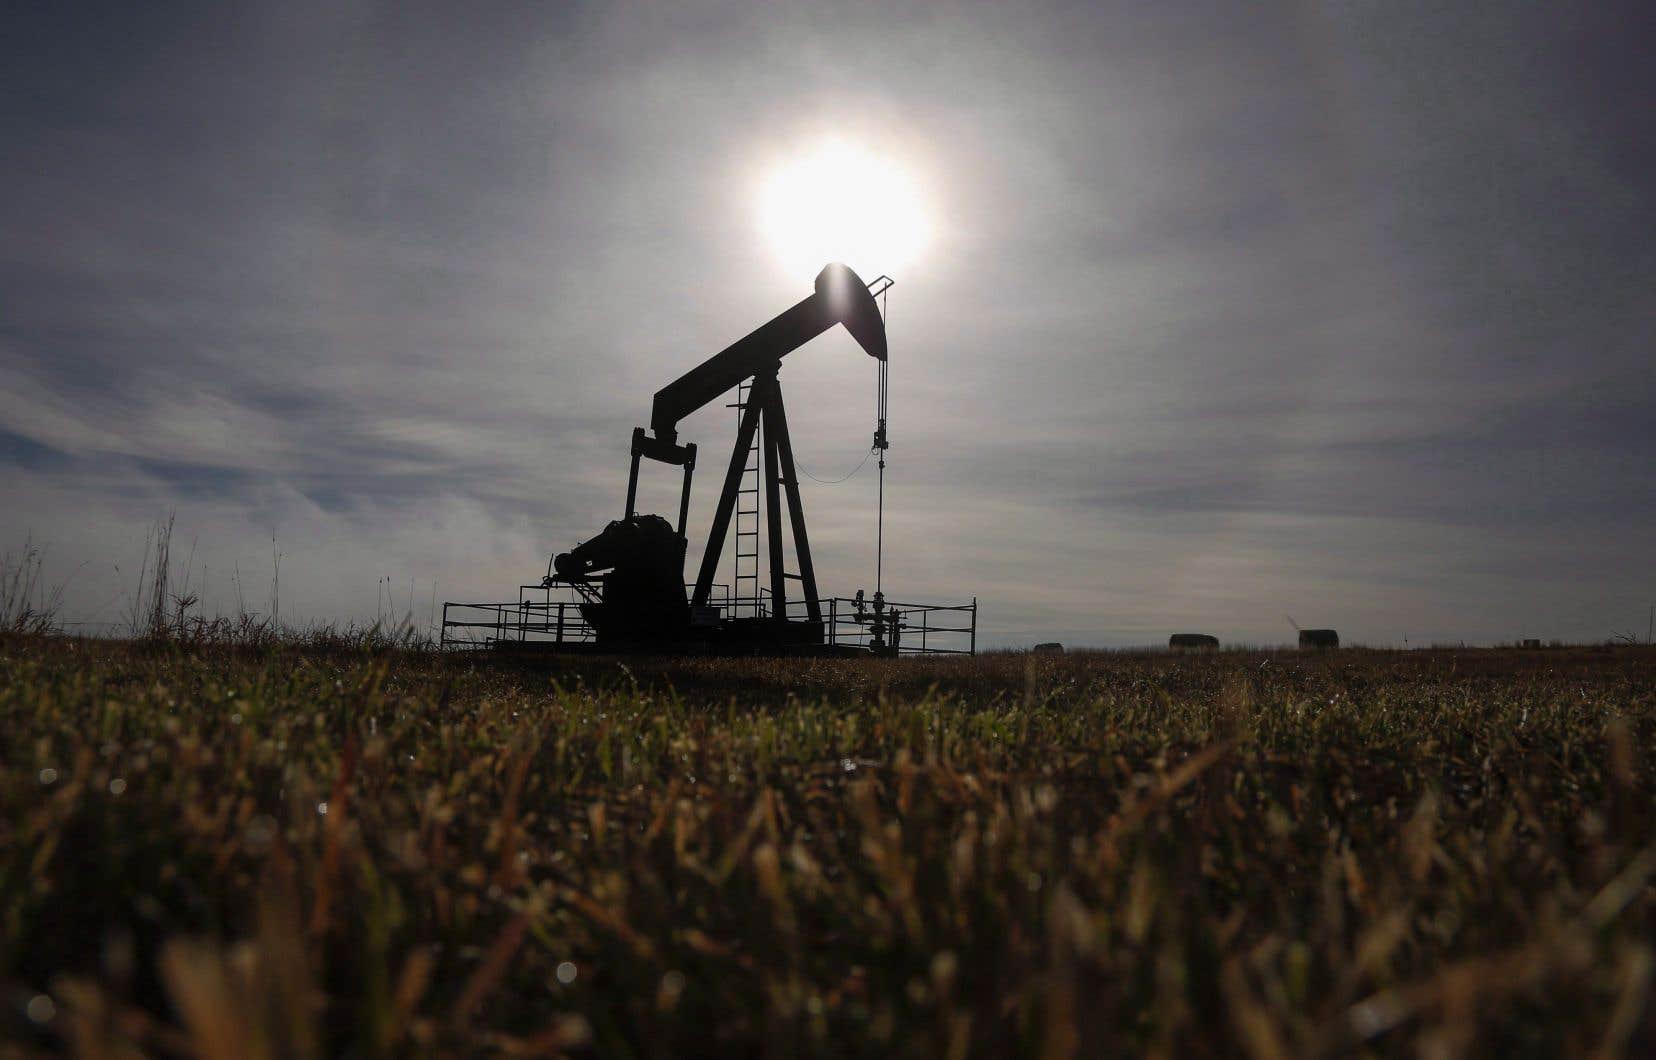 L'Alberta tente de braquer les projecteurs sur sa vision selon laquelle une industrie des hydrocarbures forte en Alberta peut stimuler la création d'emplois dans tout le pays.